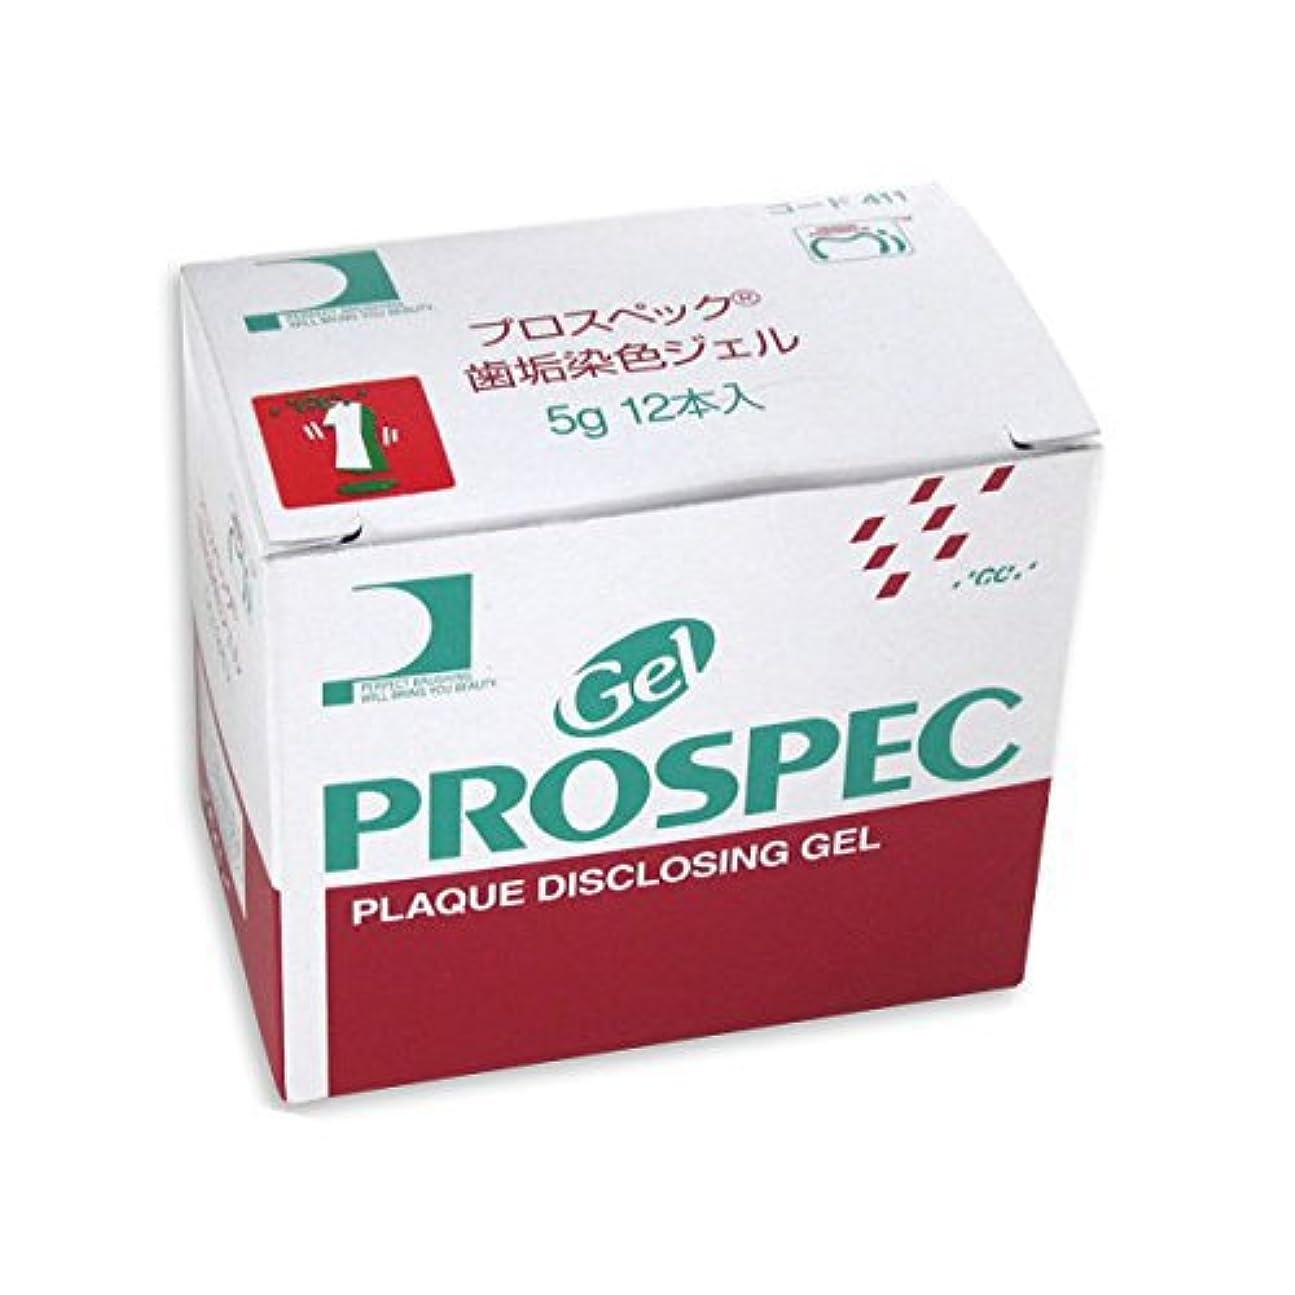 プット膨らませる味わうプロスペック ジーシー プロスペック 歯垢染色ジェル 5g×12個単品